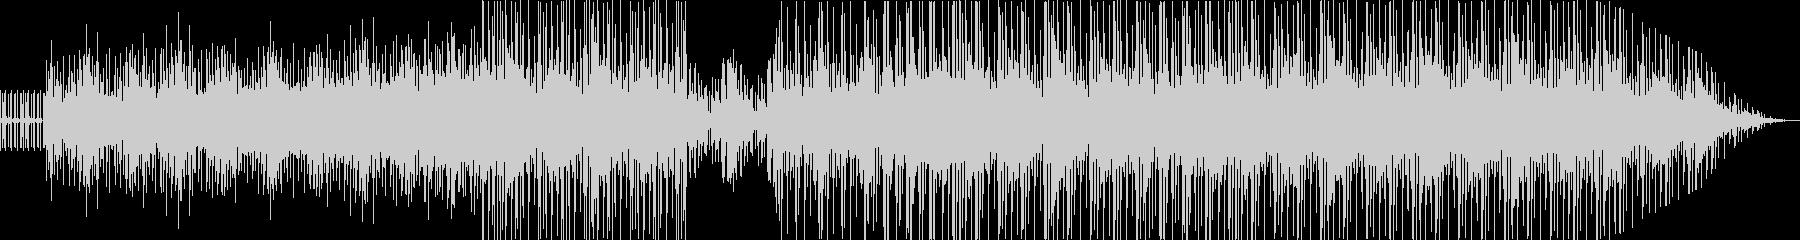 暗い雰囲気から明るくなるベルの音楽の未再生の波形